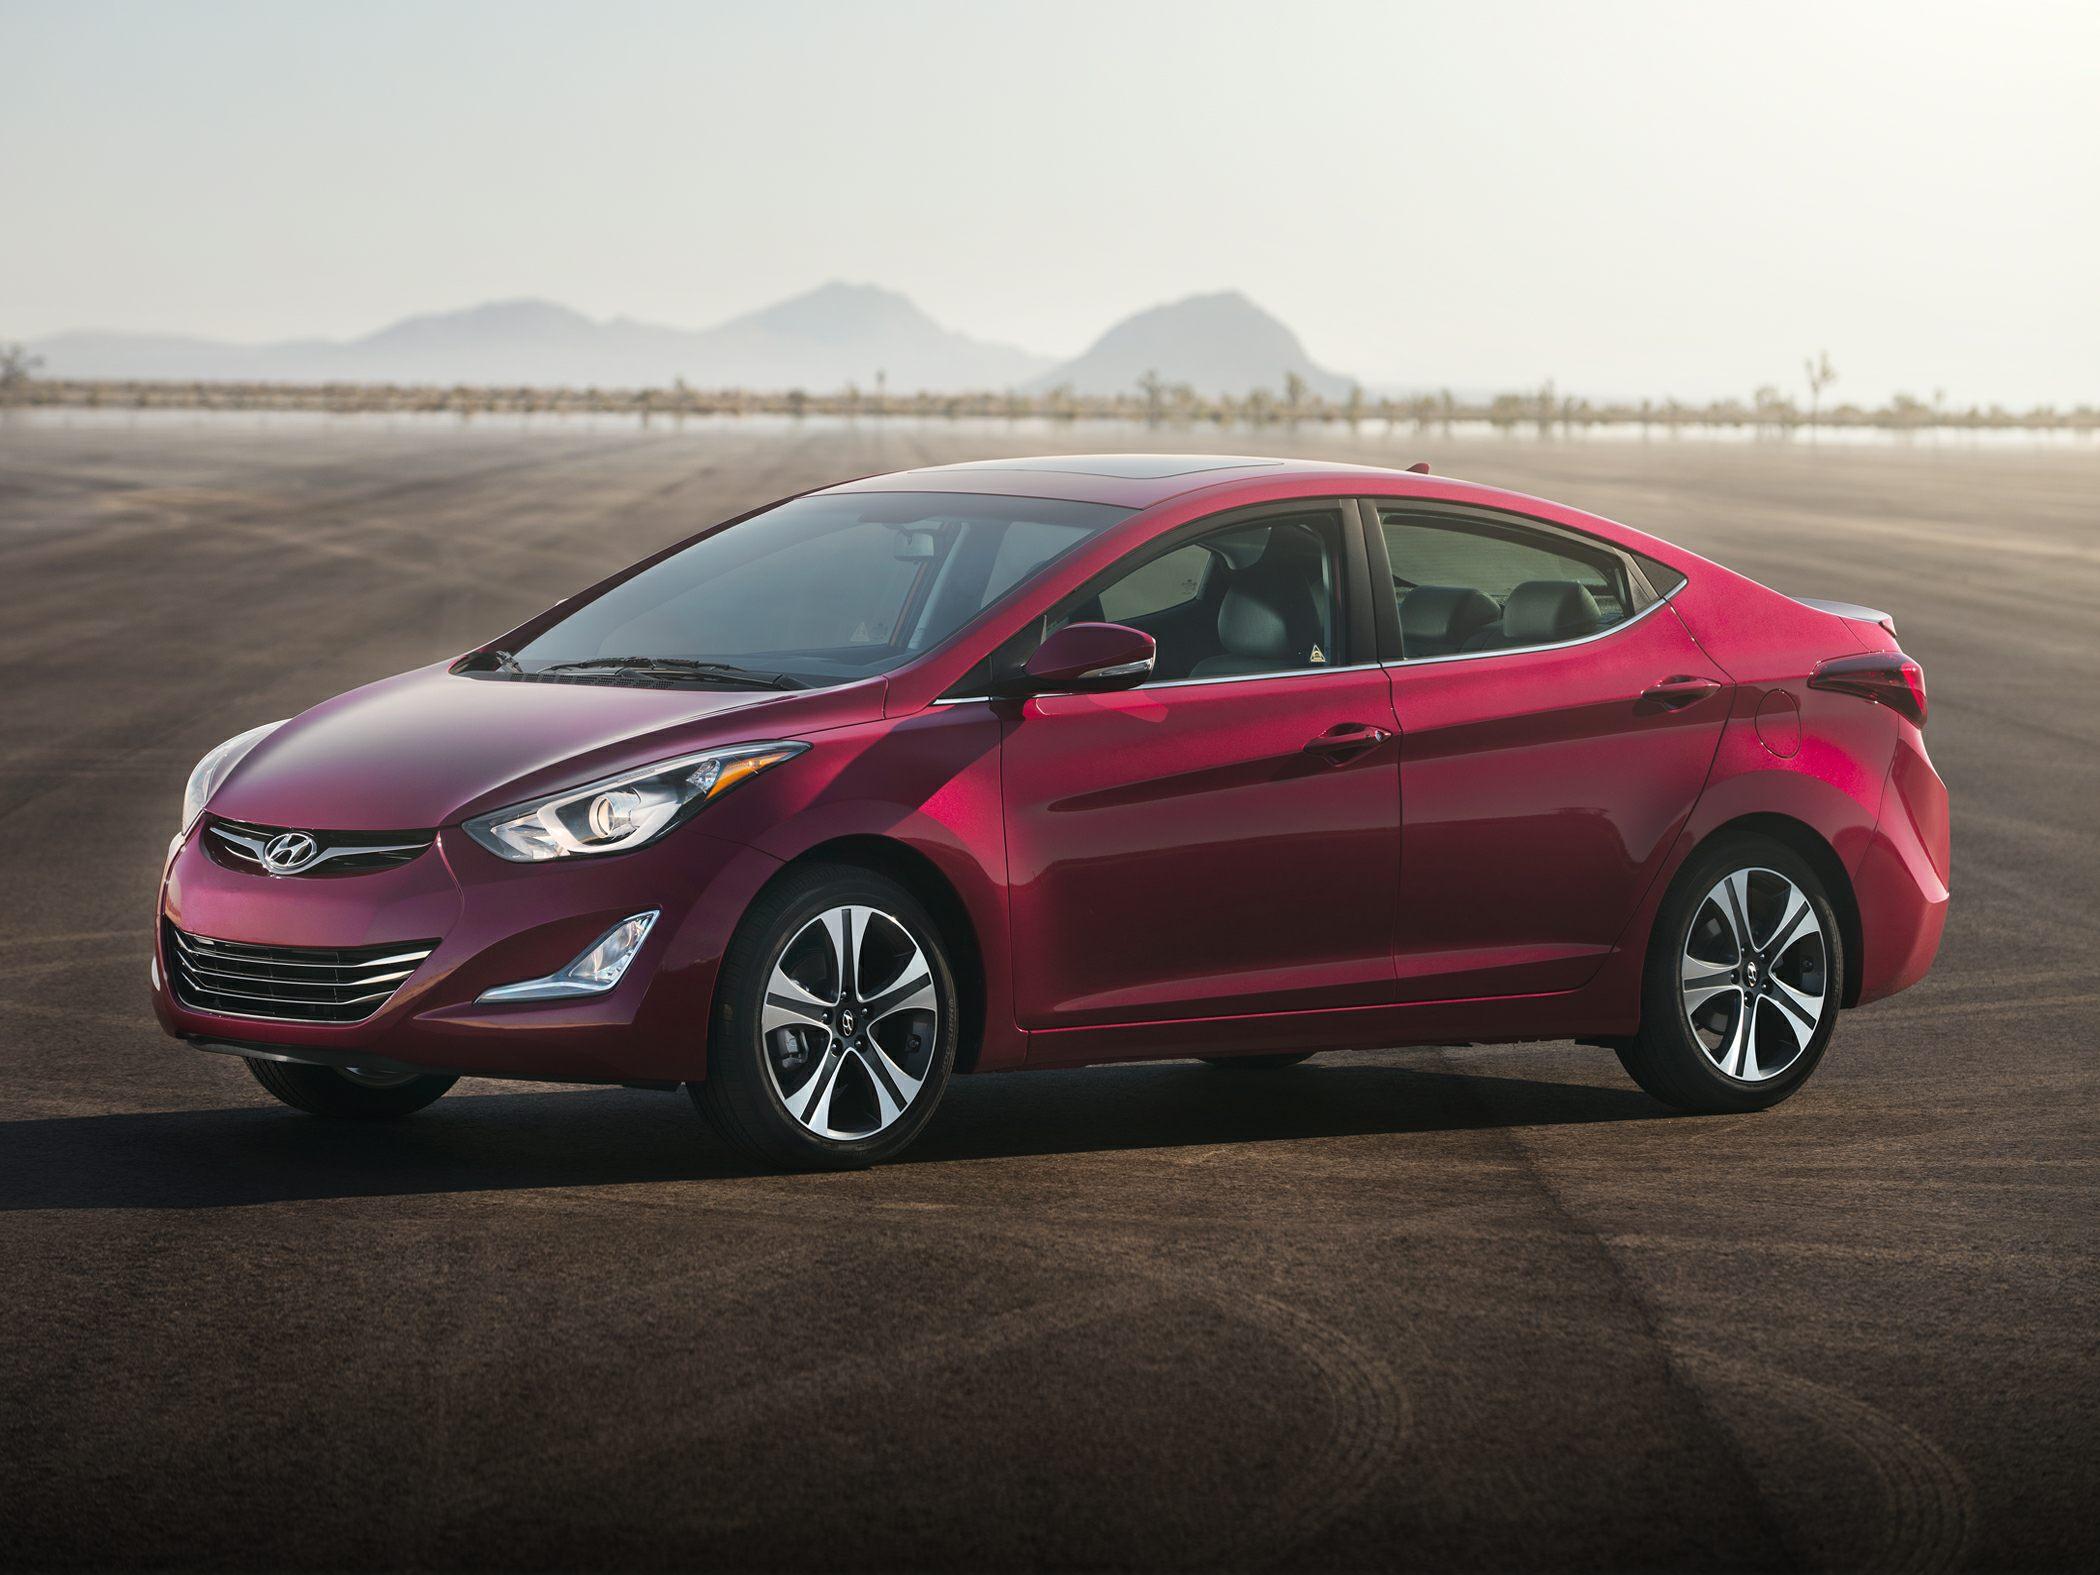 2015 Hyundai Elantra Glam